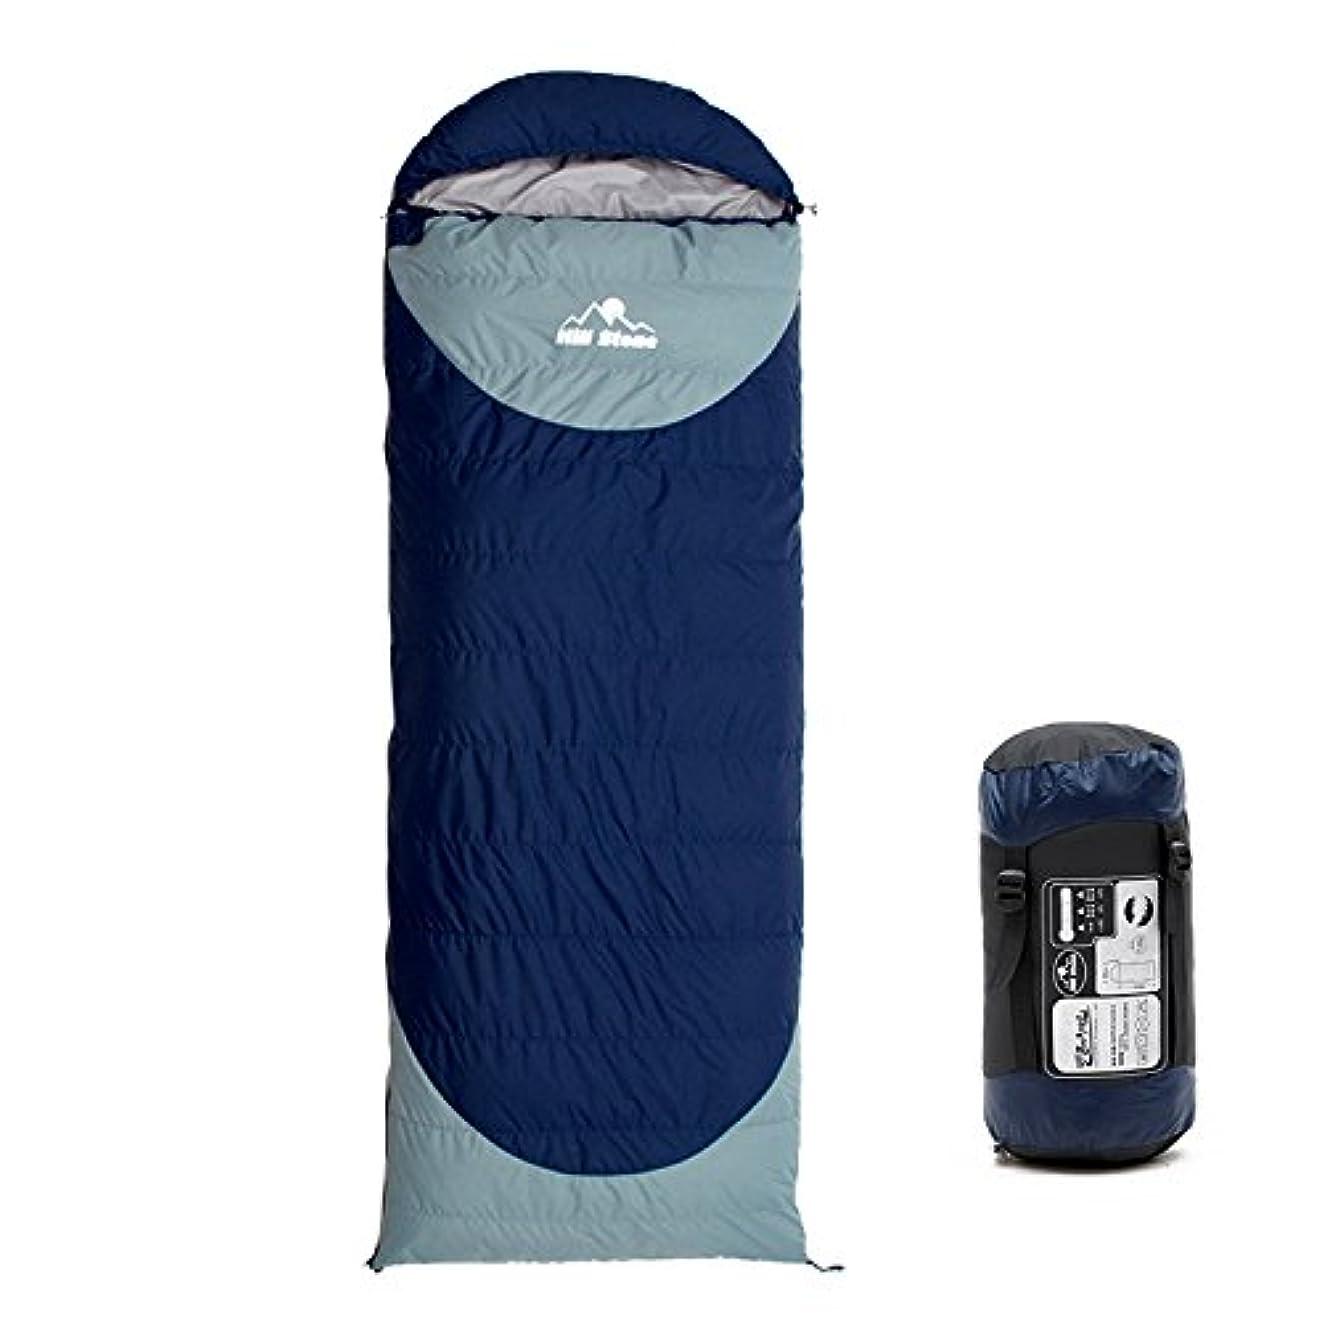 痛いメンダシティ属性Hewflitダウン寝袋 羽毛寝袋 シュラフ 封筒型 キャンプ アウトドア 冬用 連結可能 ダウン1.5kg 最低使用温度-25度 快適温度0度~-10度 2.3kg 220 * 80cm 洗える 防災 コンパクト 収納収納袋付き